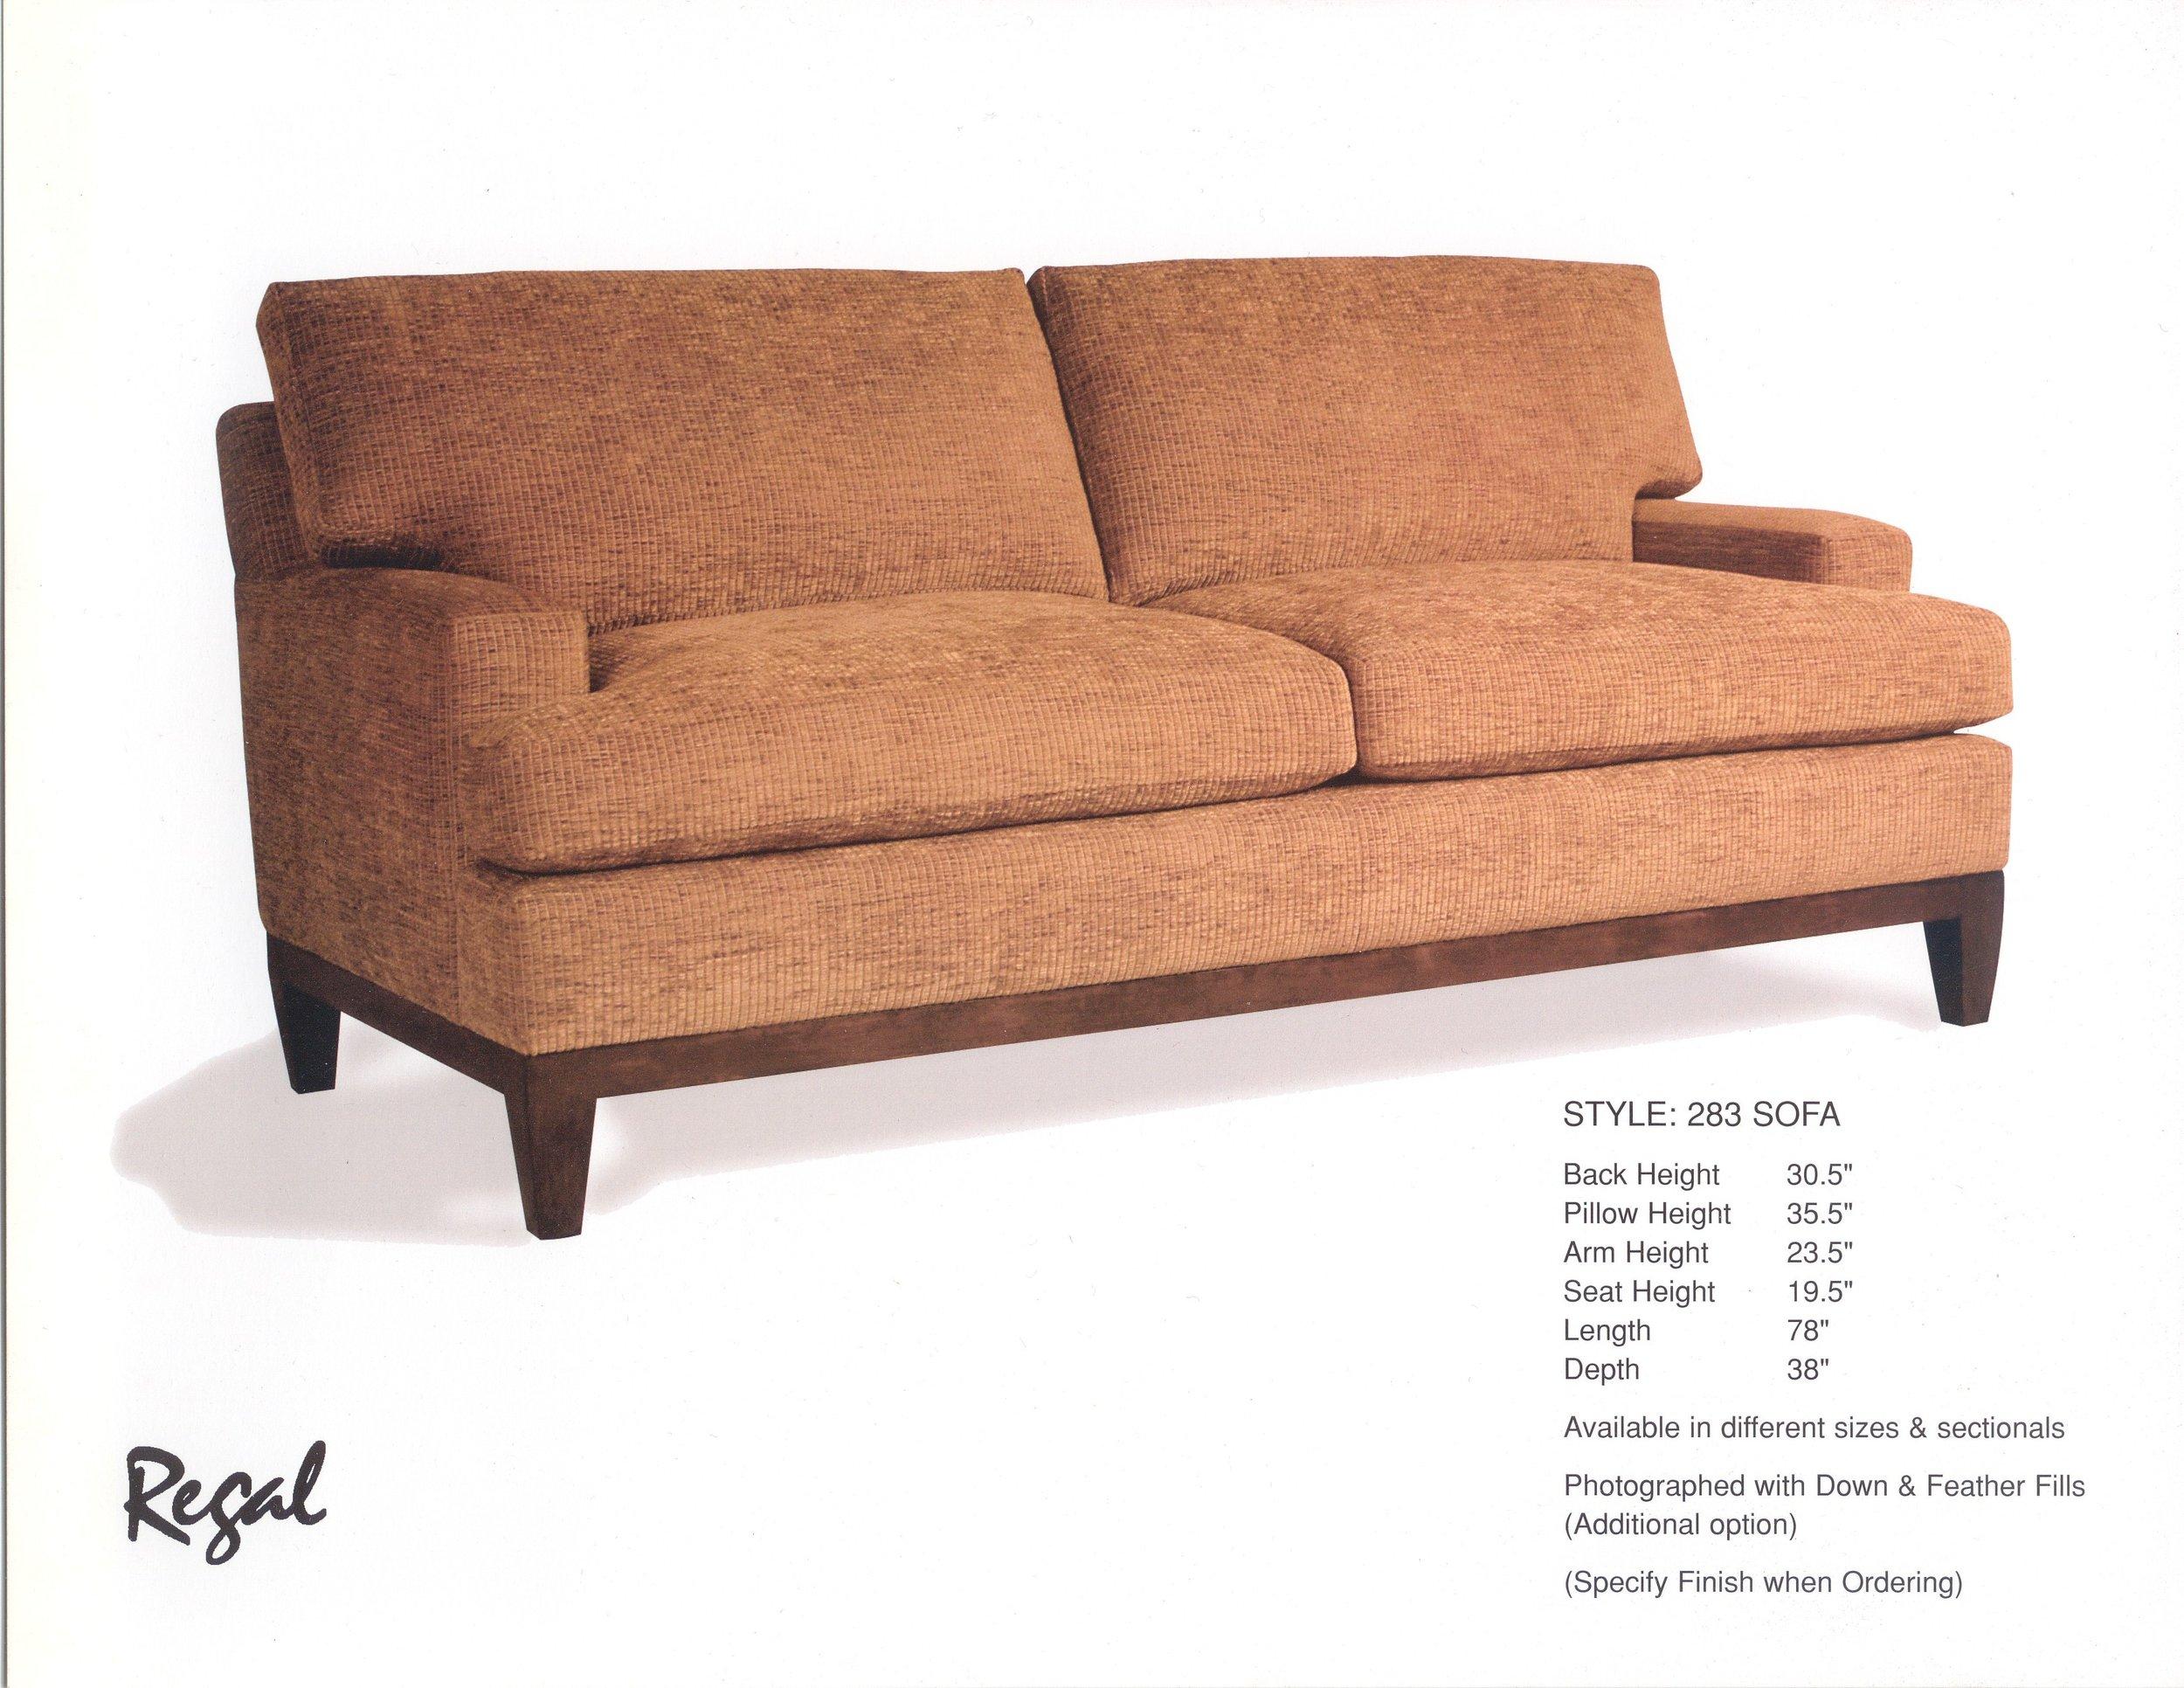 283 Sofa.jpg